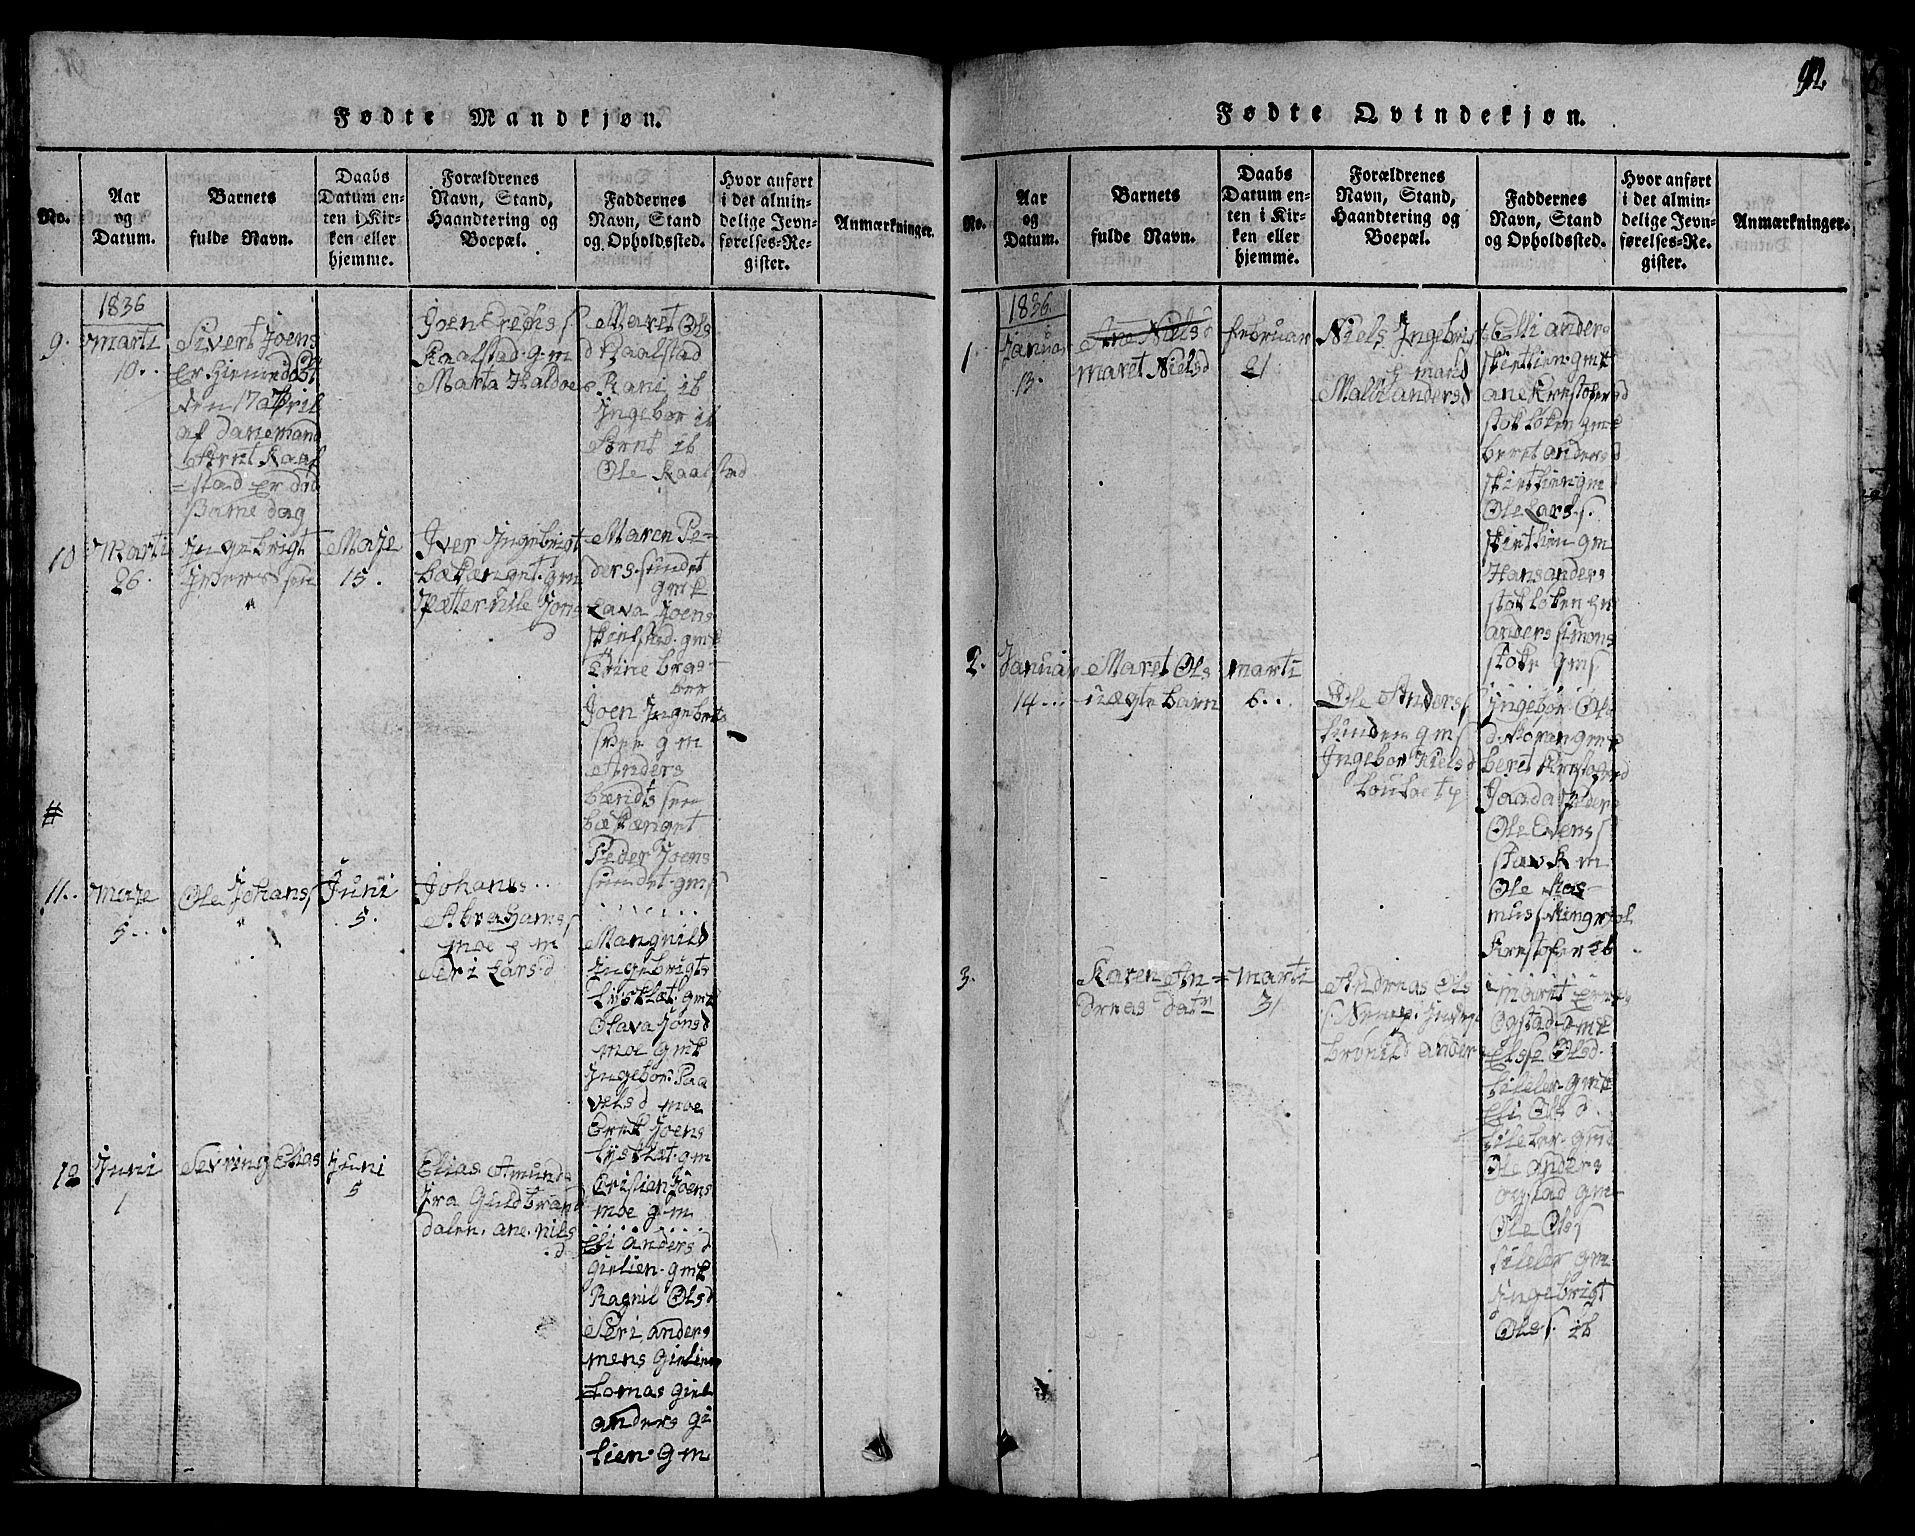 SAT, Ministerialprotokoller, klokkerbøker og fødselsregistre - Sør-Trøndelag, 613/L0393: Klokkerbok nr. 613C01, 1816-1886, s. 92